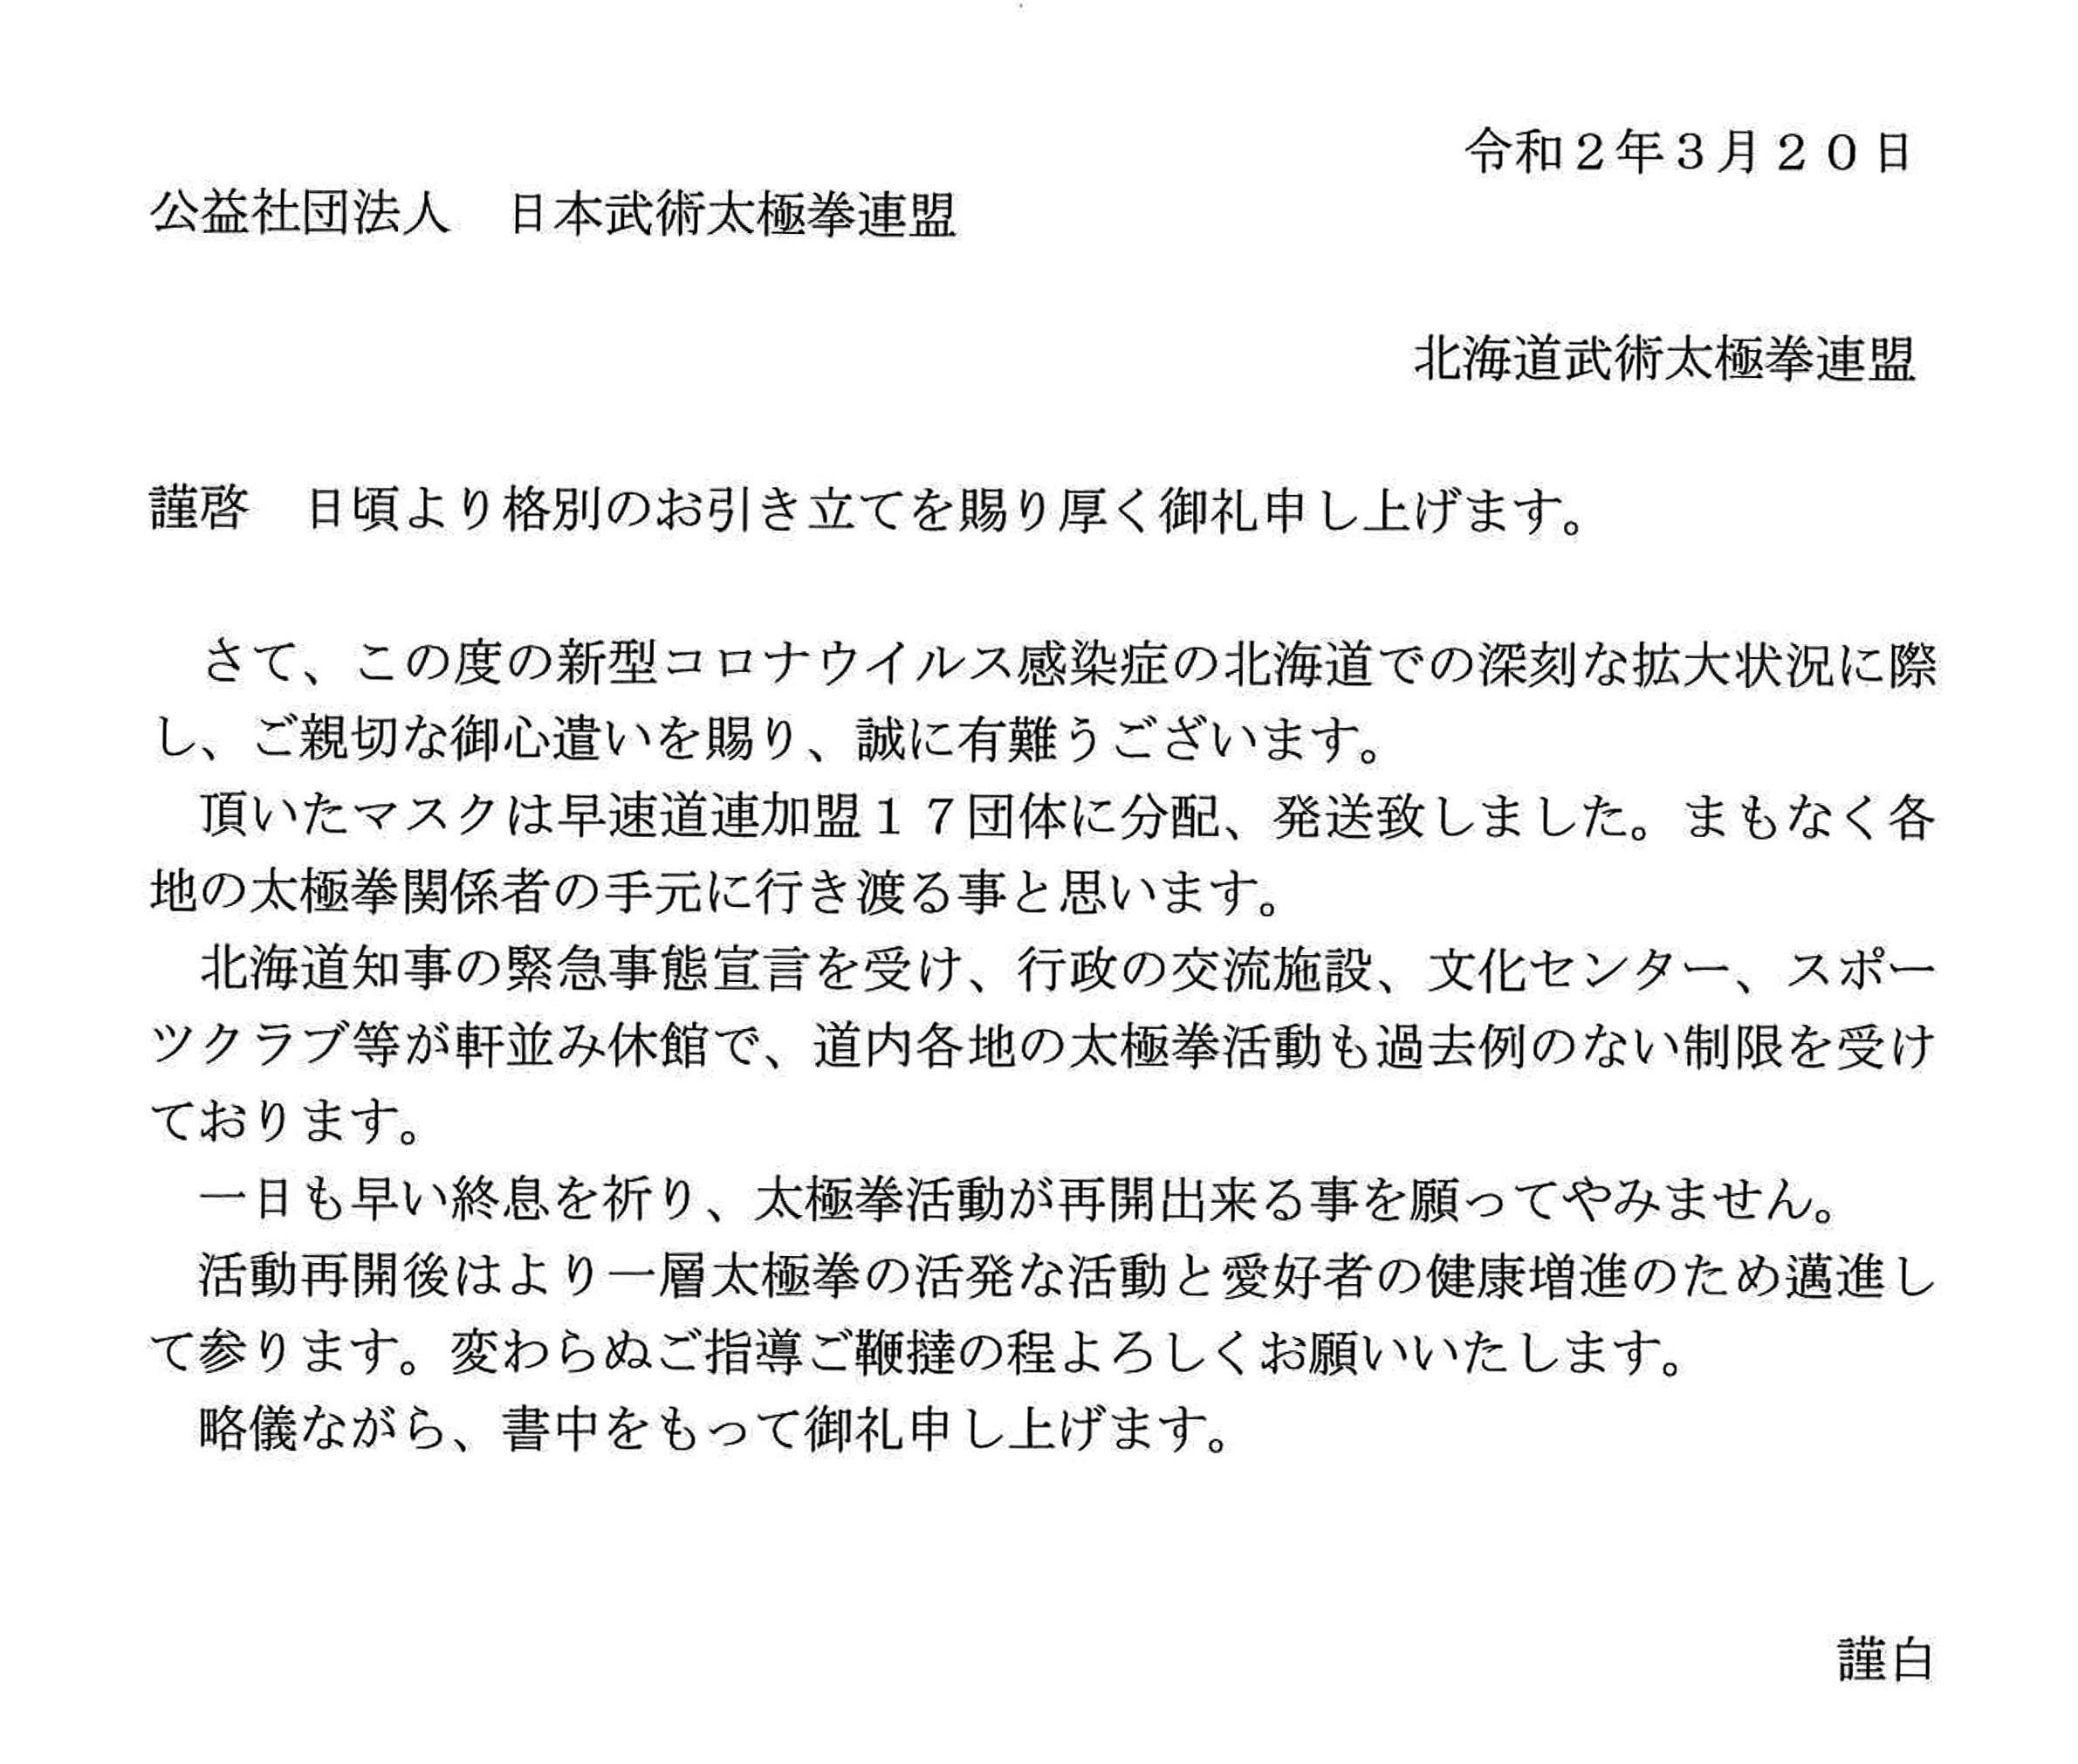 北海道連盟をはじめとして感謝の気持ちが寄せられた